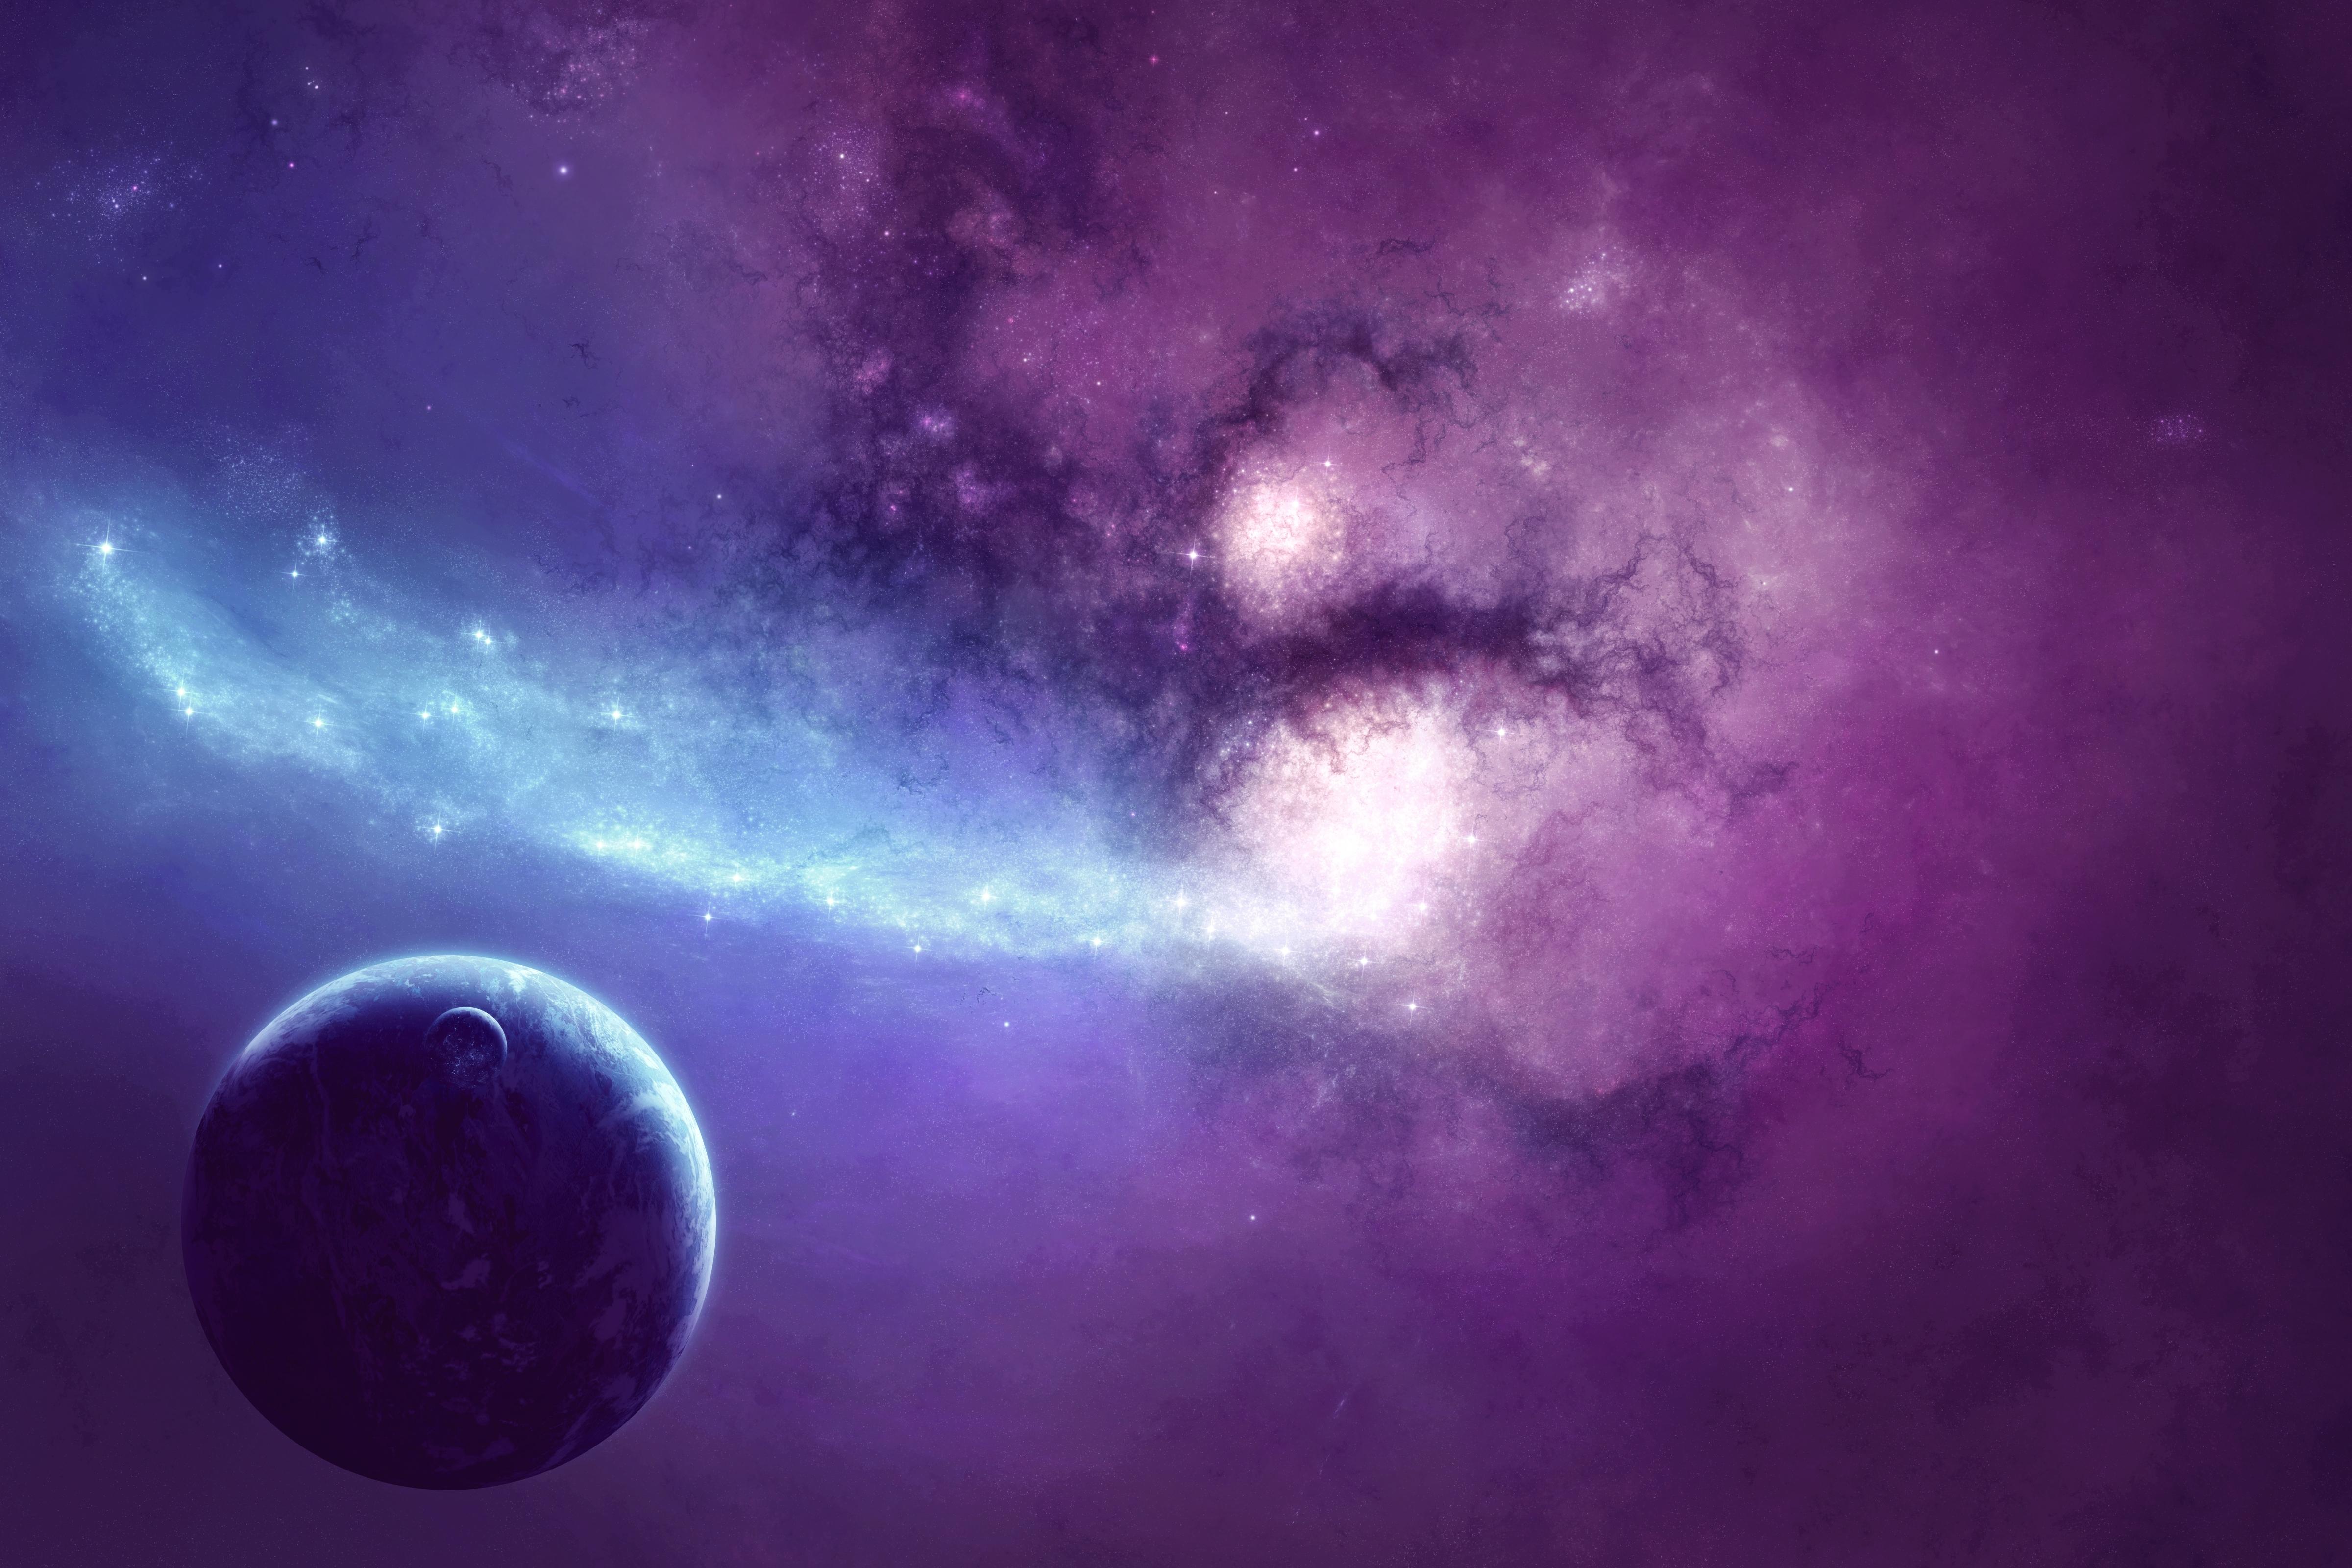 Красивые горизонтальные картинки космос